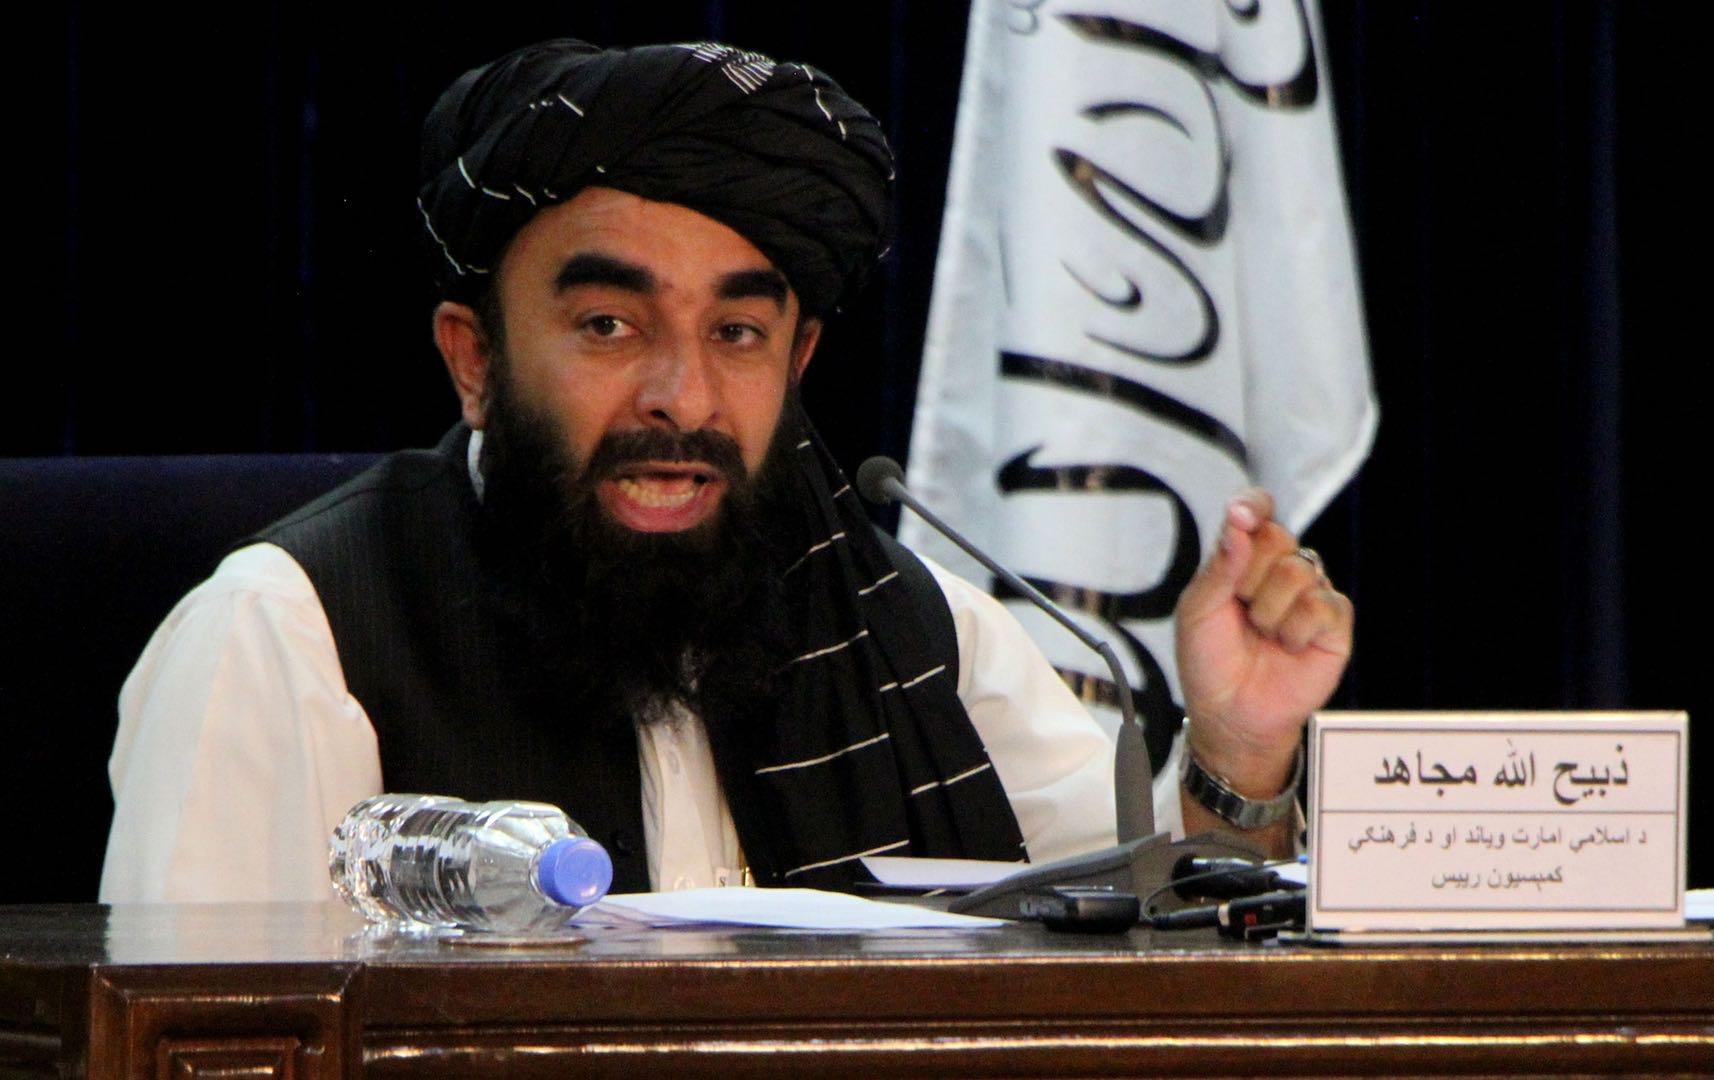 """塔利班进入""""2.0时代"""",阿富汗""""新政府""""面临挑战"""